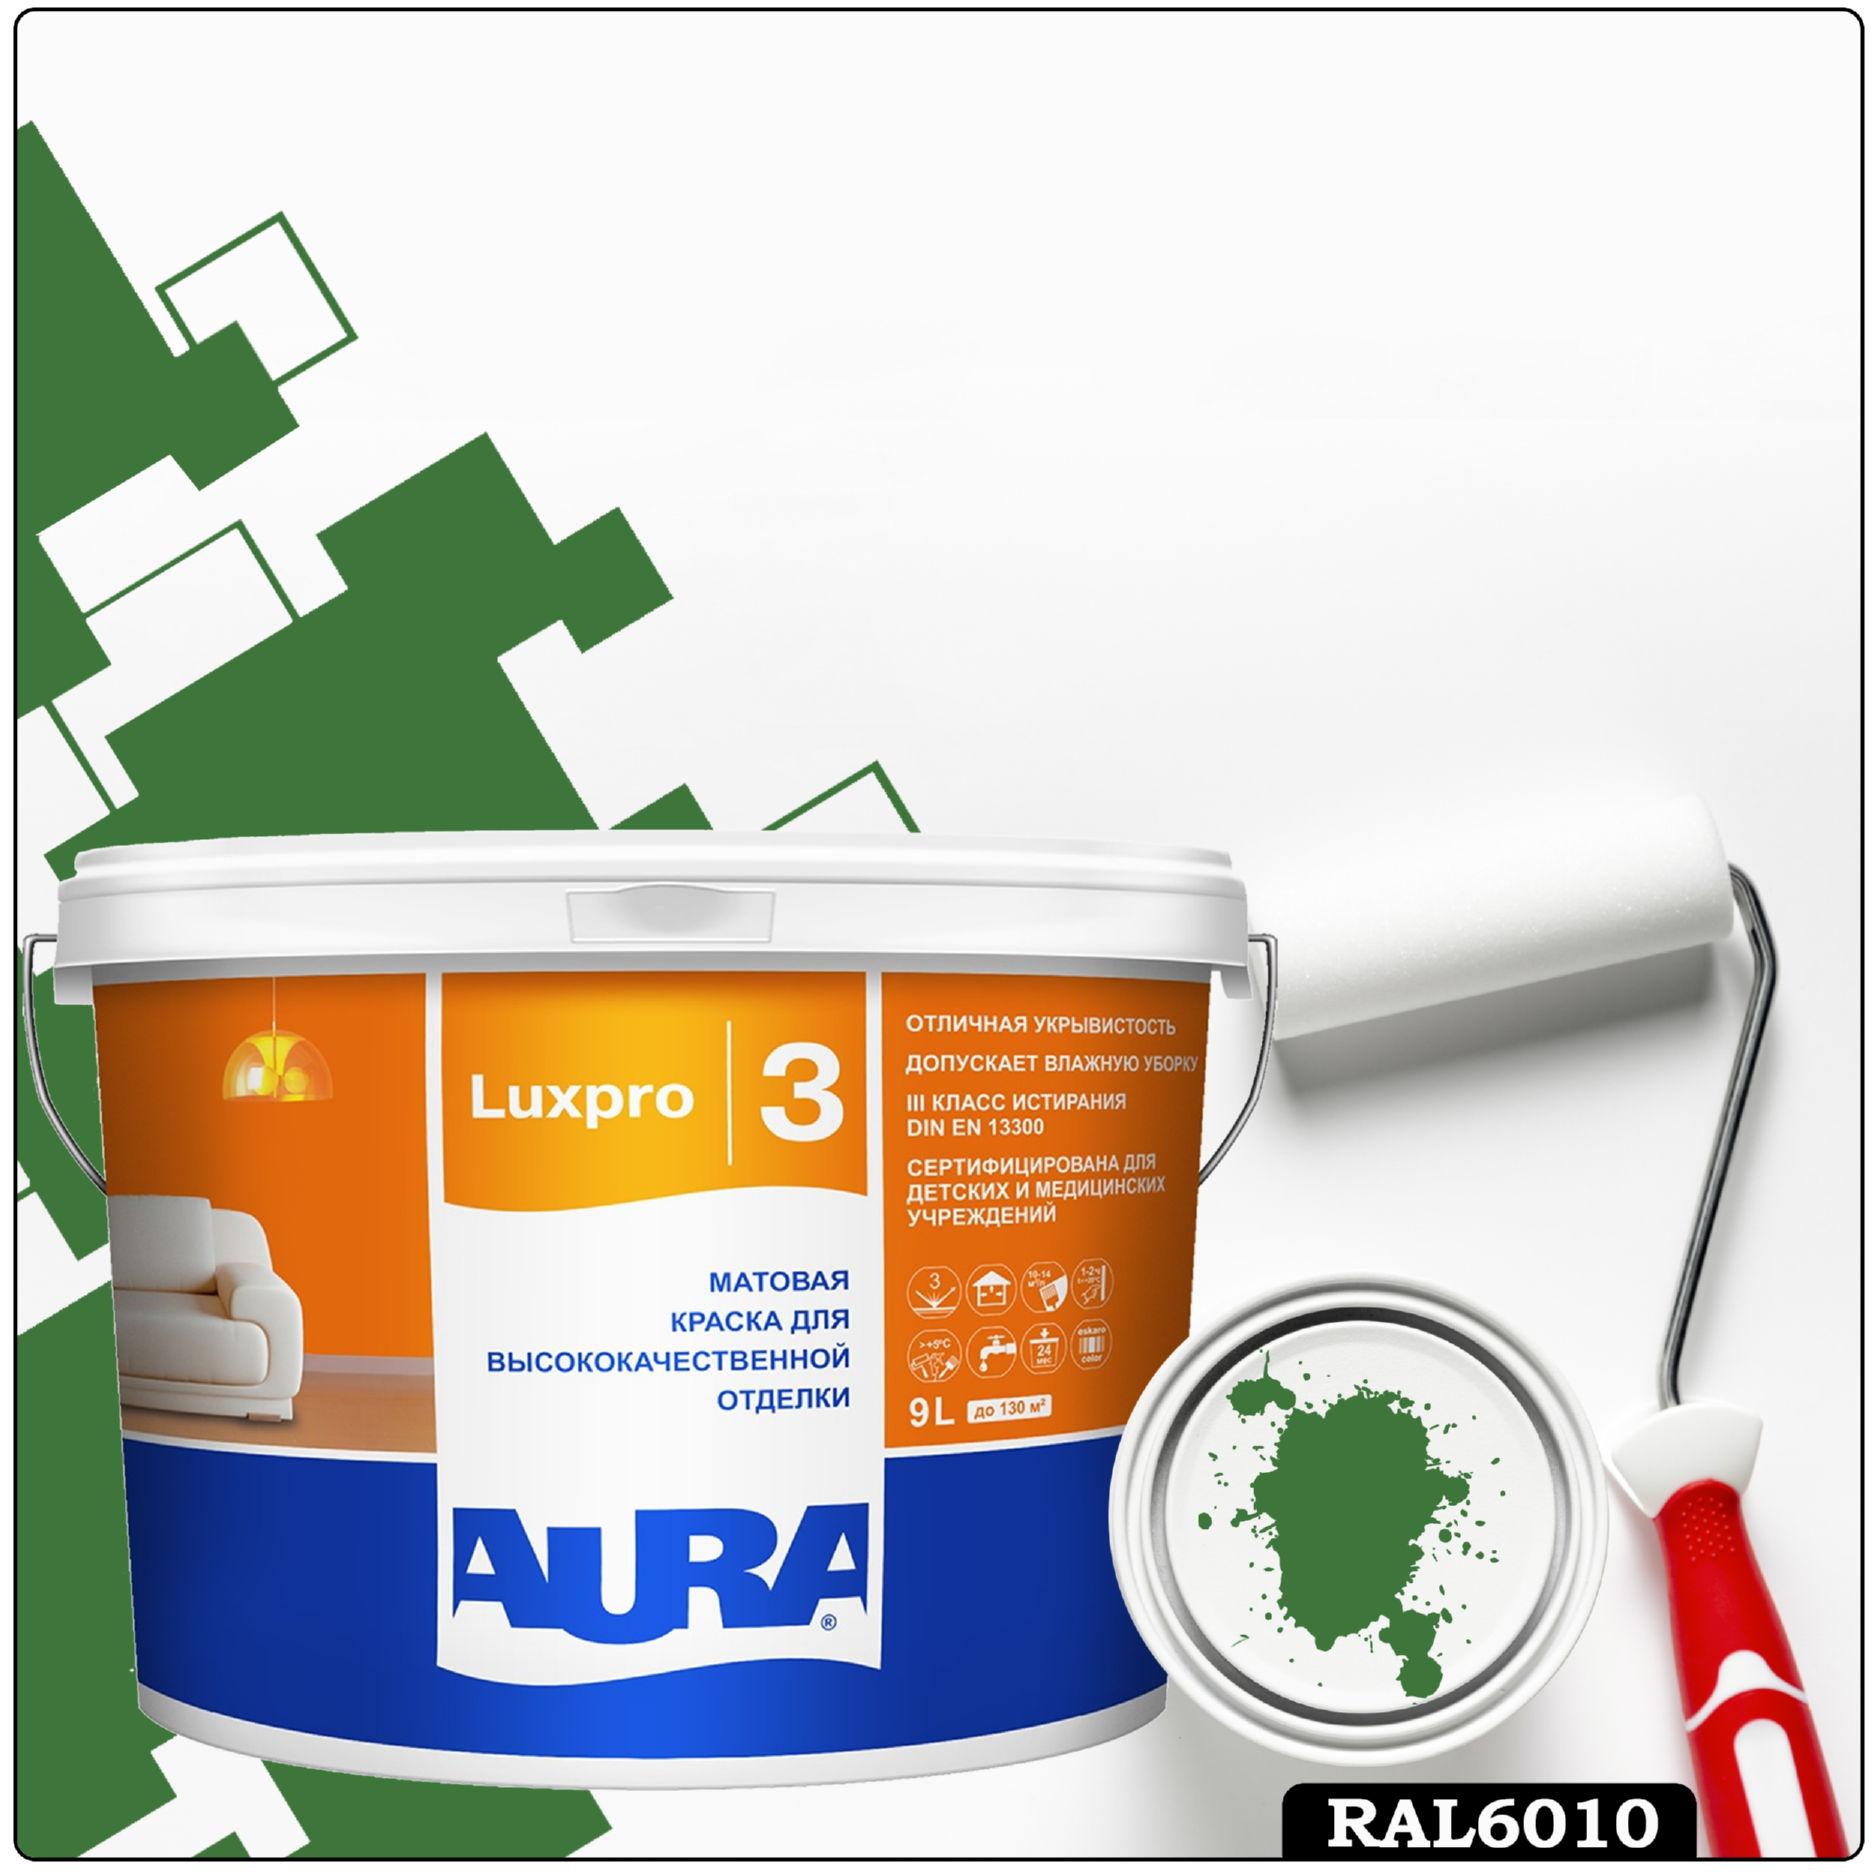 Фото 11 - Краска Aura LuxPRO 3, RAL 6010 Зеленая трава, латексная, шелково-матовая, интерьерная, 9л, Аура.